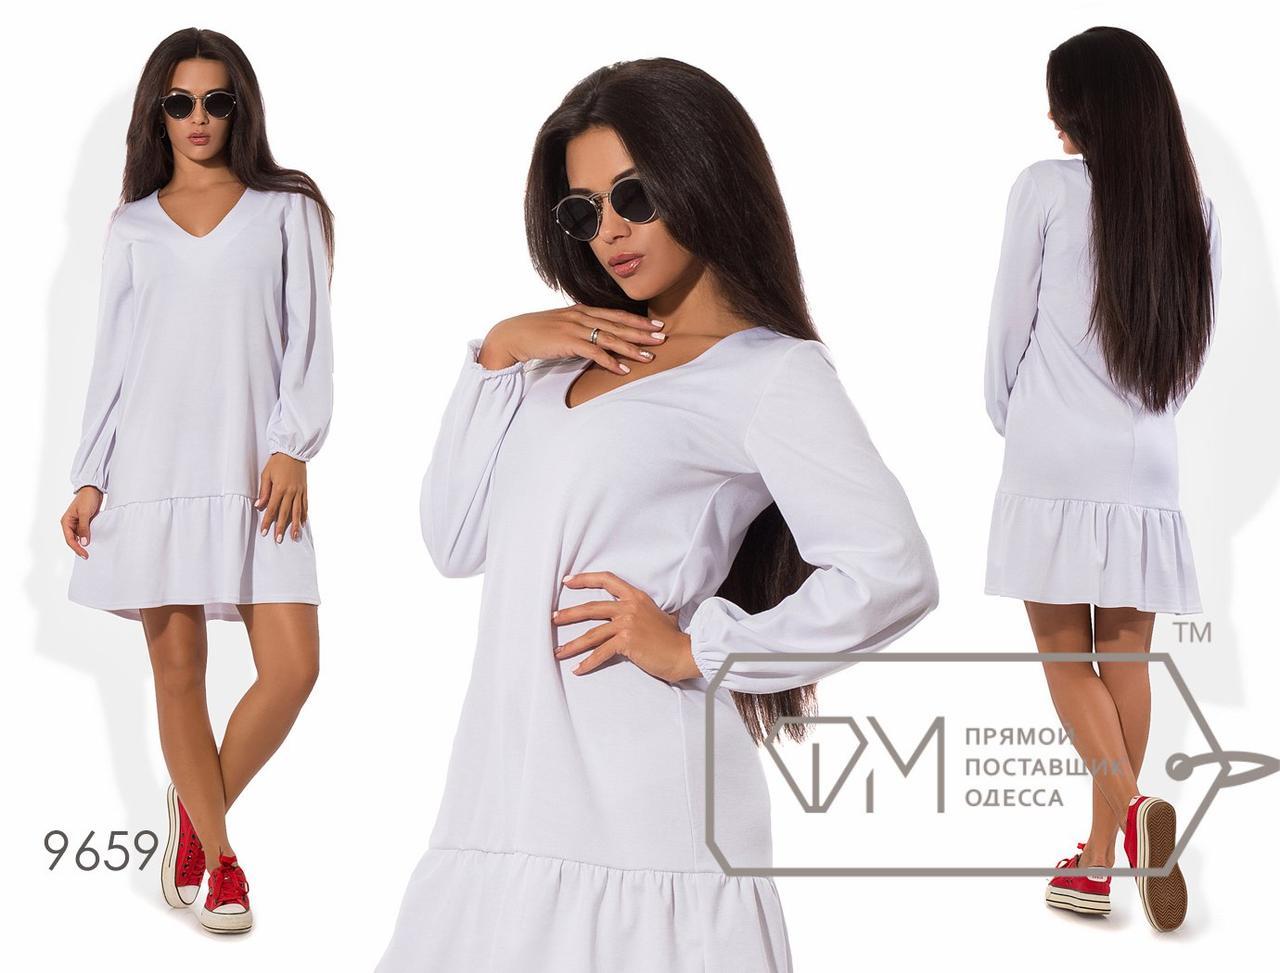 Платье мини прямое из французского трикотажа с V-вырезом, присборенными рукавами на резинках и широкой оборкой по подолу 9659